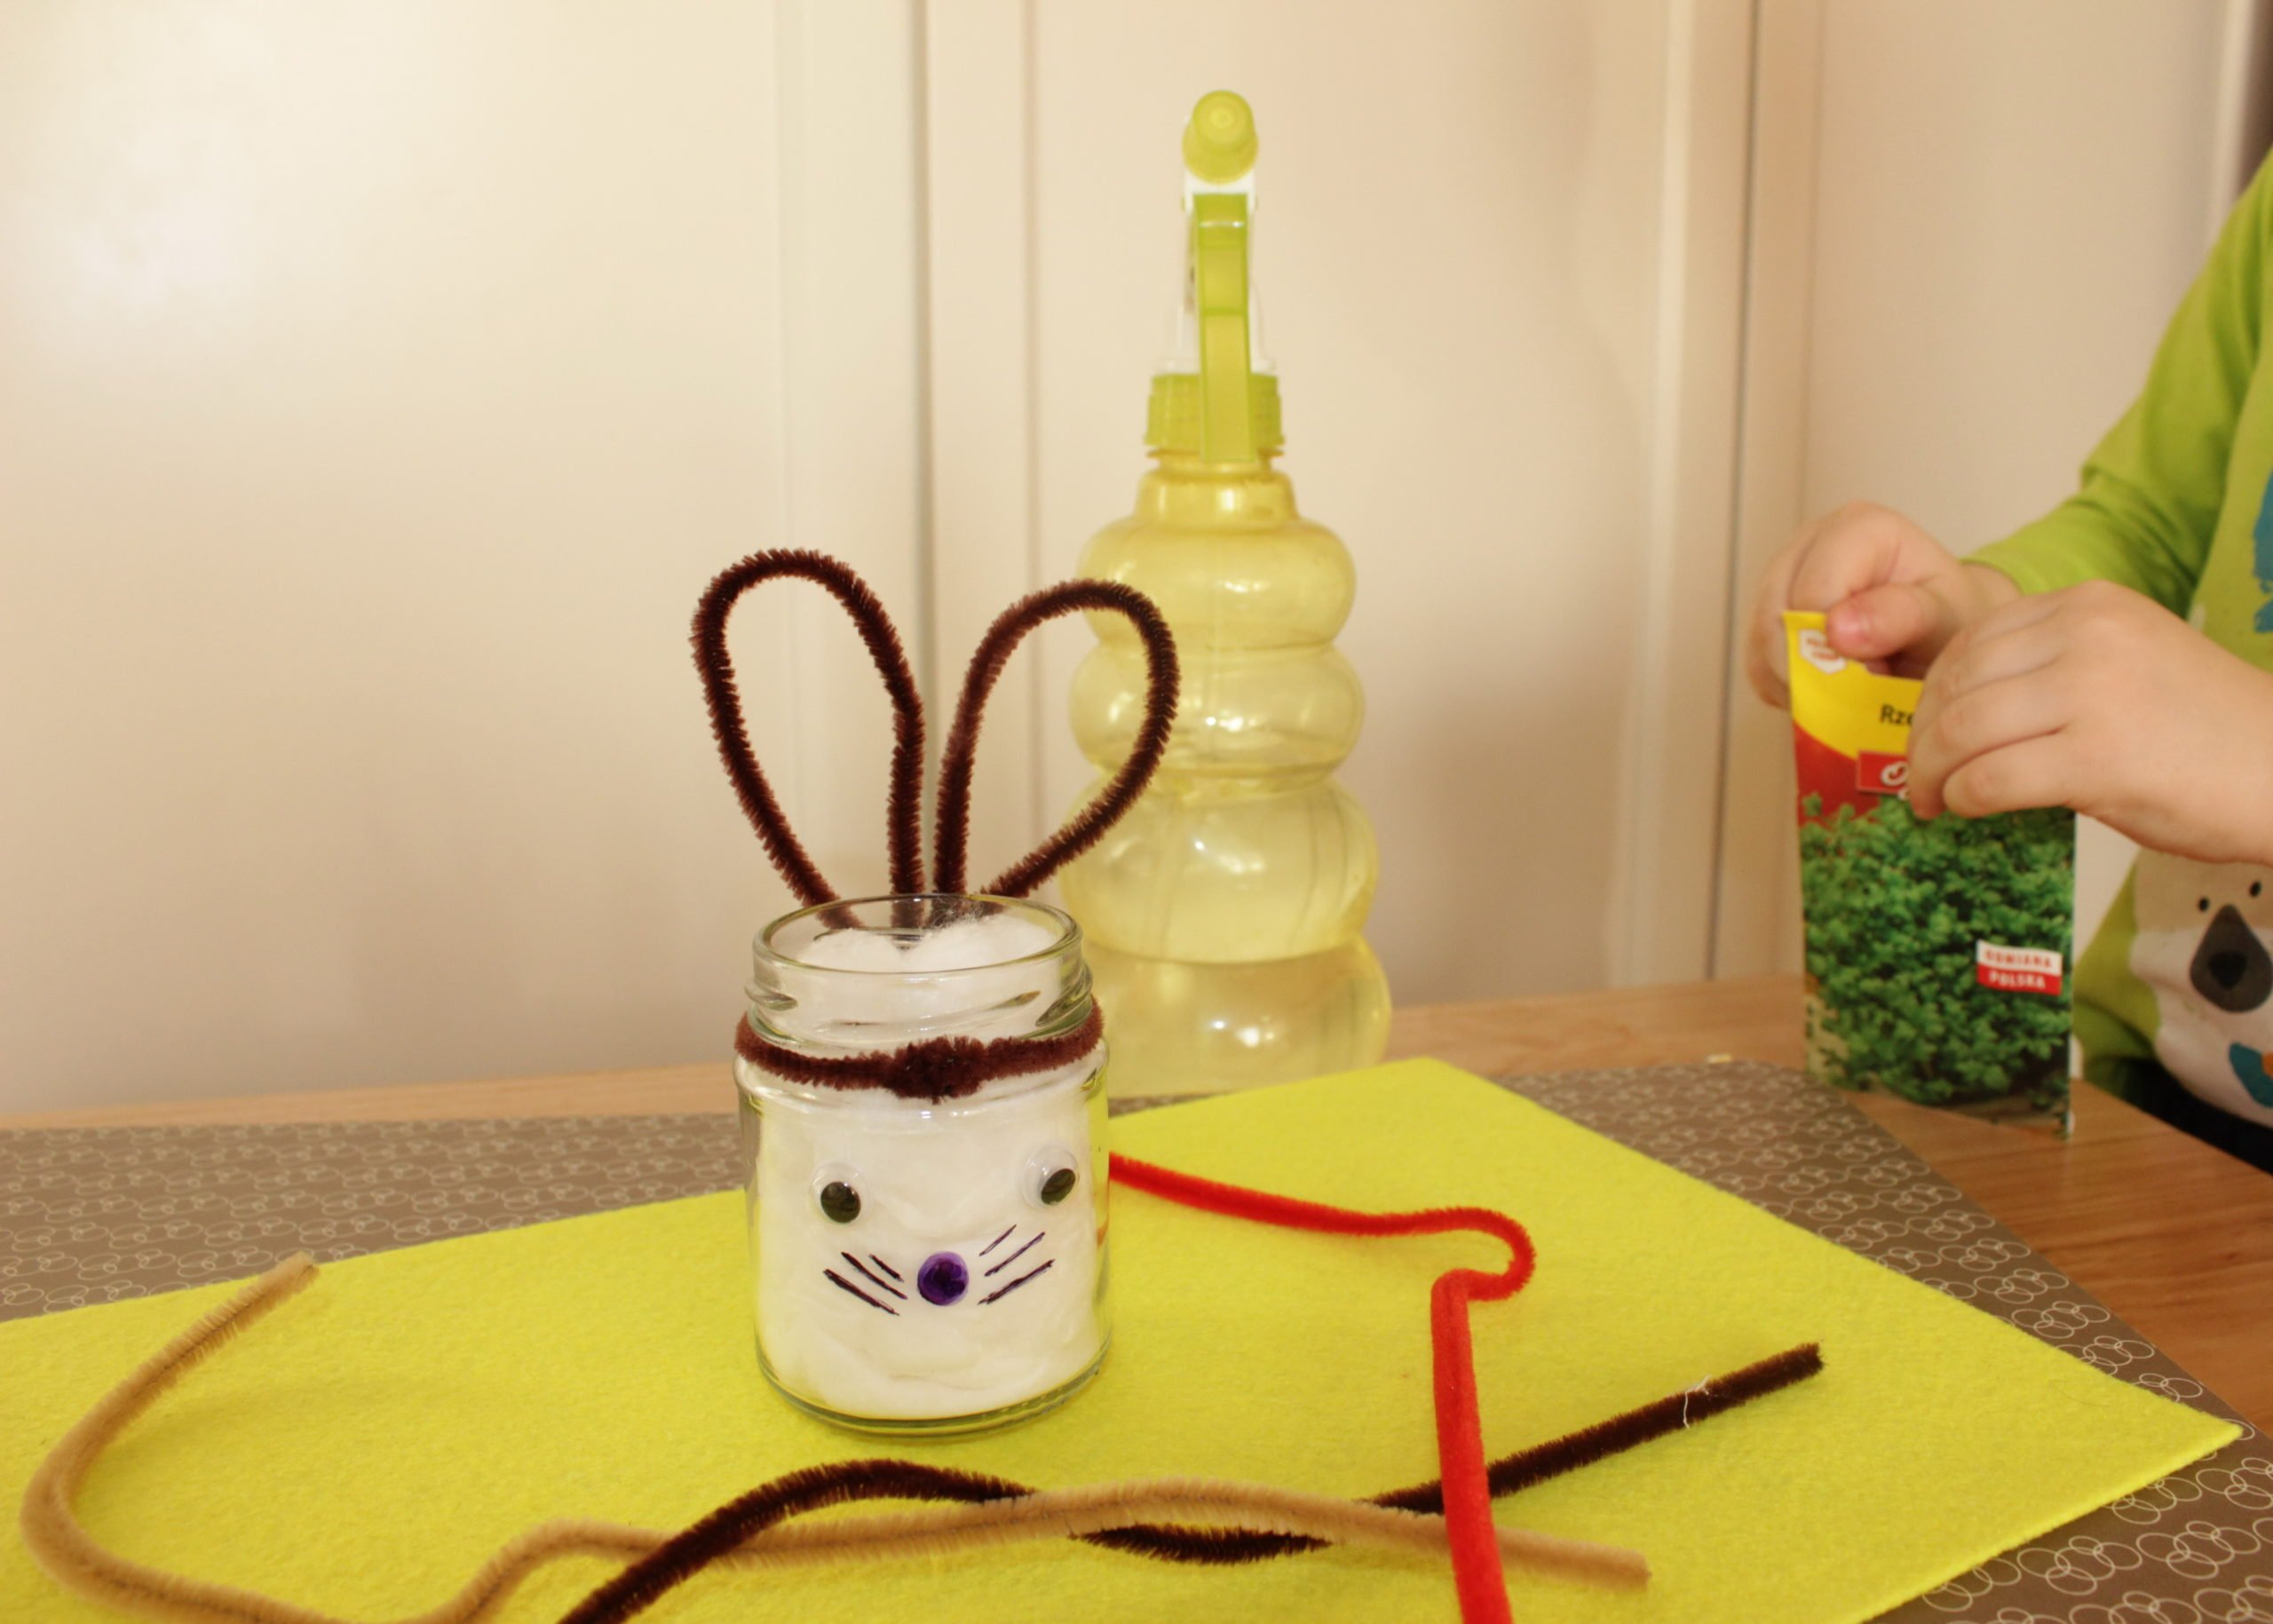 Zabawa wielkanocna dla dzieci handmade króliki z rzeżuchą